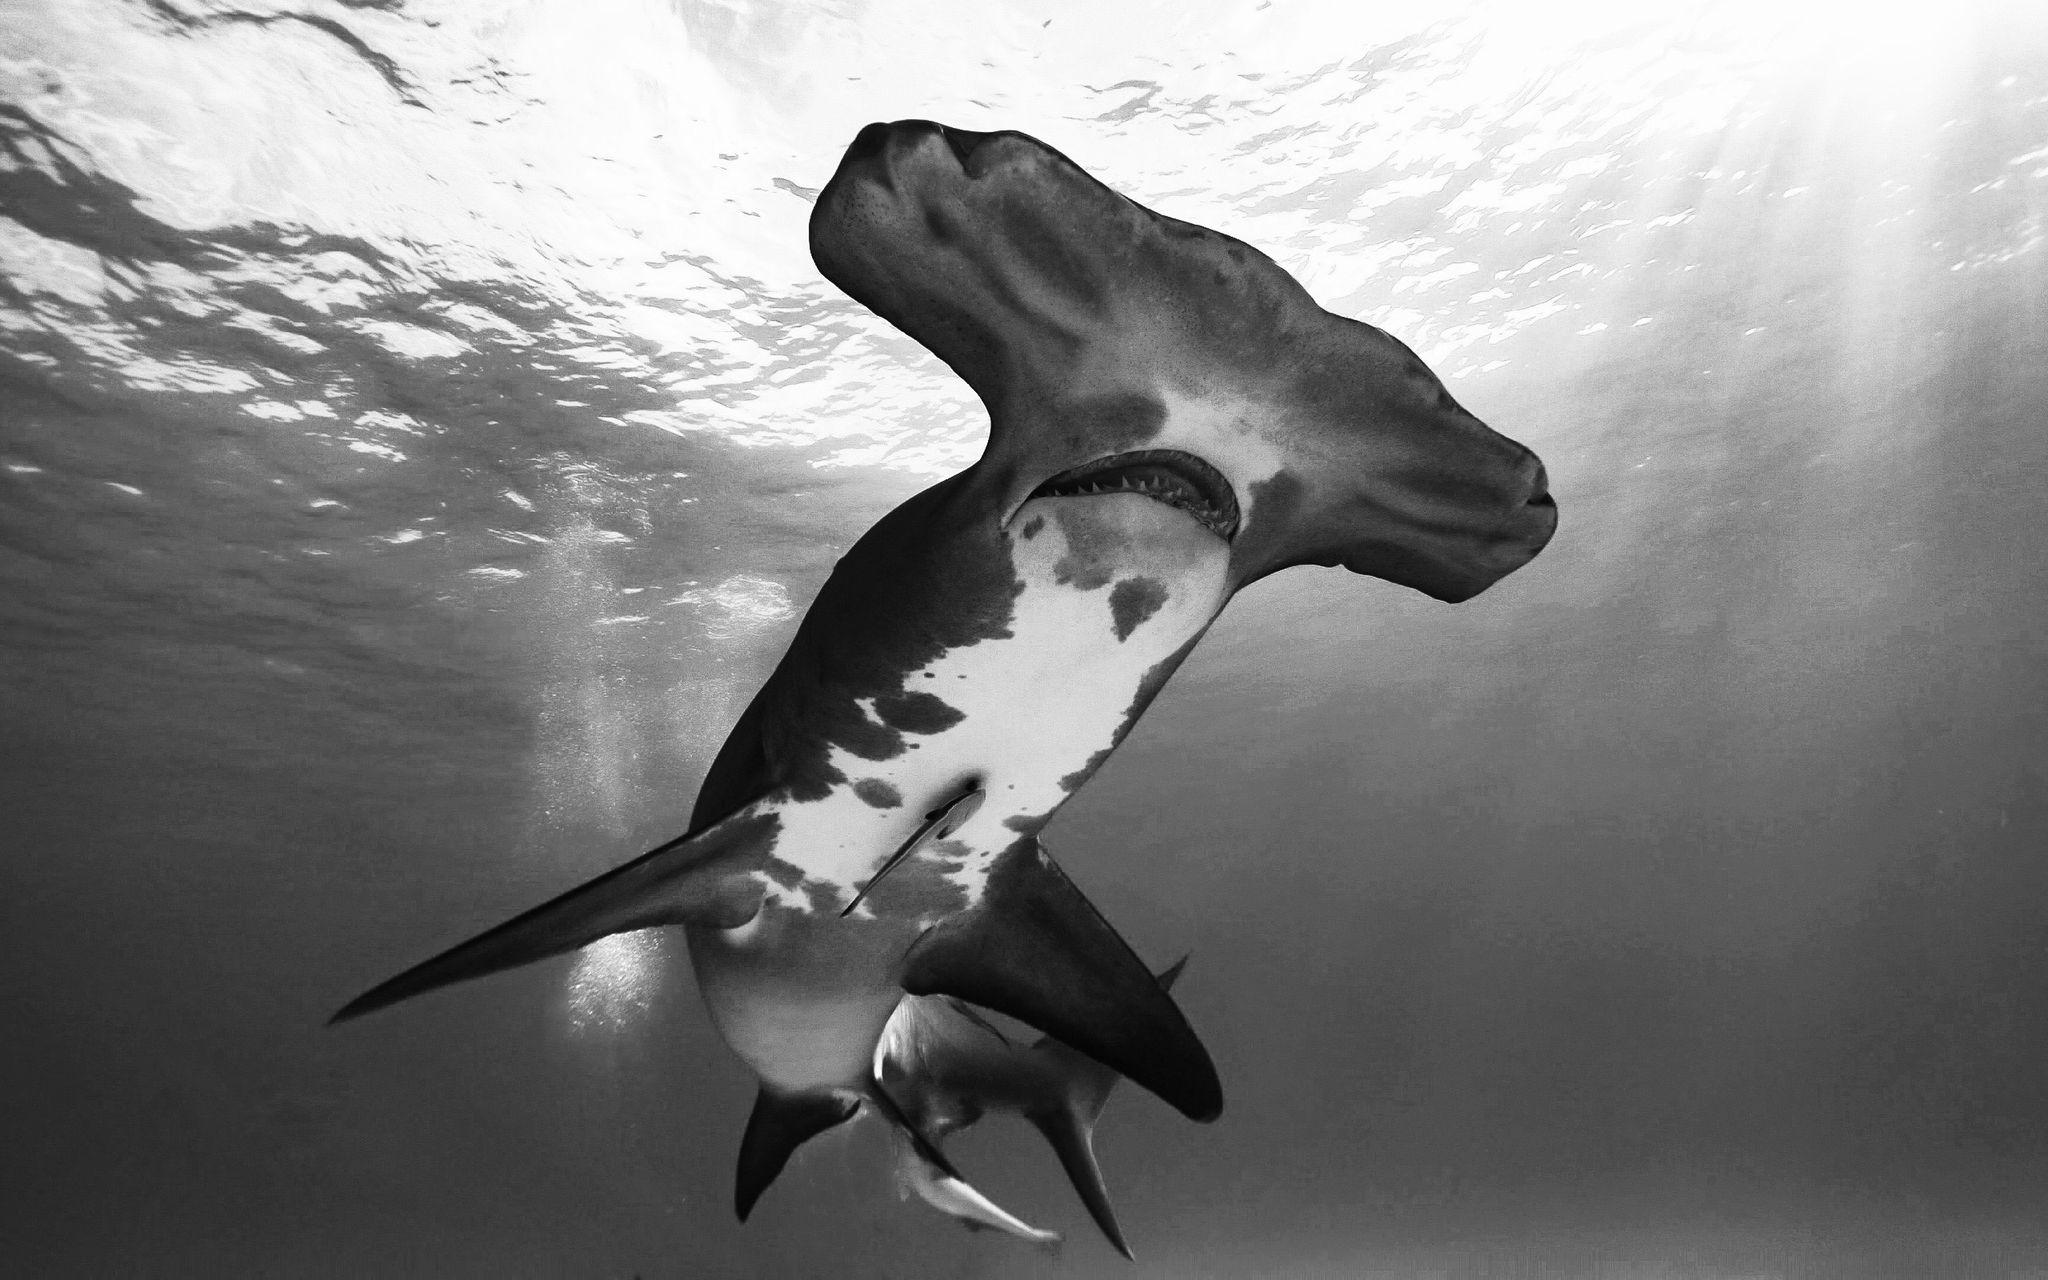 La famille de requin la plus marteau !